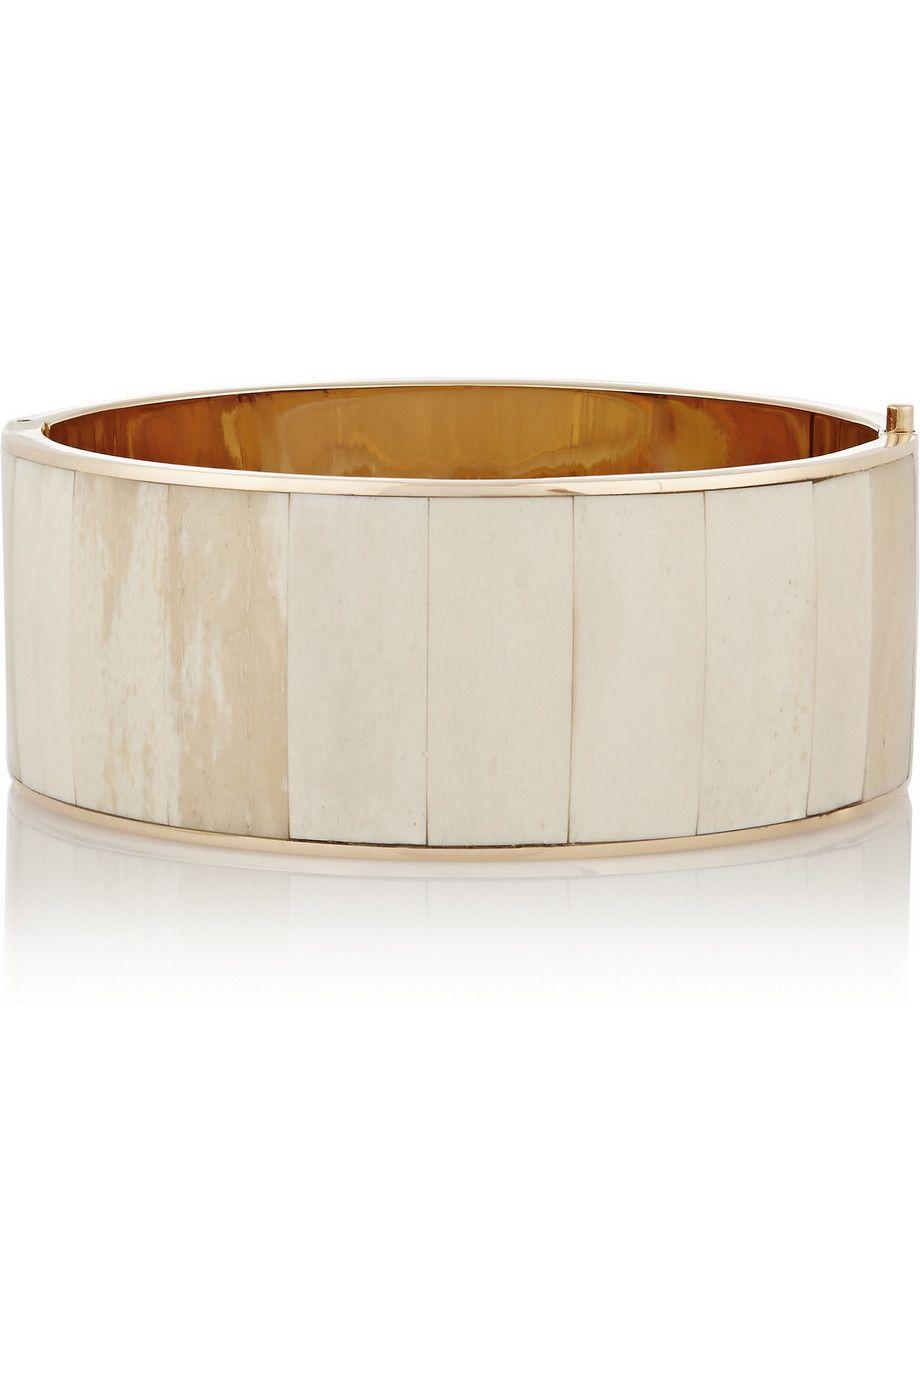 """Balmain Rose Gold-Tone Bone Choker, $2,845; &lt;a target=""""_blank"""" href=""""http://www.net-a-porter.com/product/513578/Balmain/rose-gold-tone-bone-choker-""""&gt;net-a-porter.com&lt;/a&gt;   <!--EndFragment-->"""